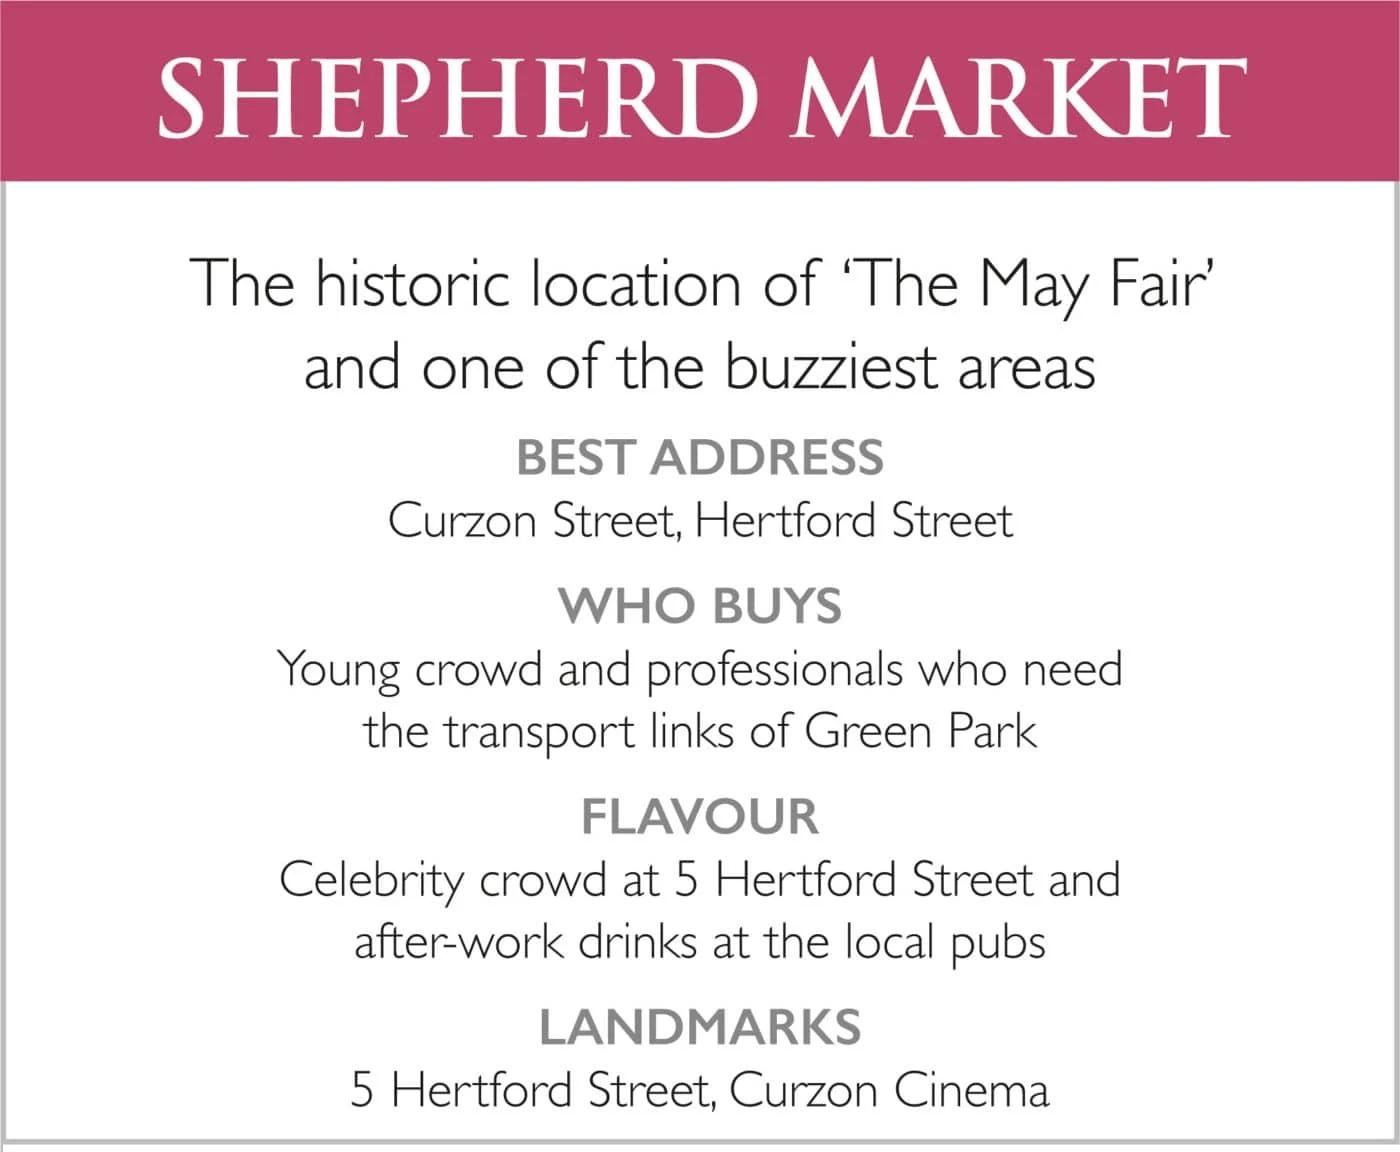 Shepherd Market List of Features